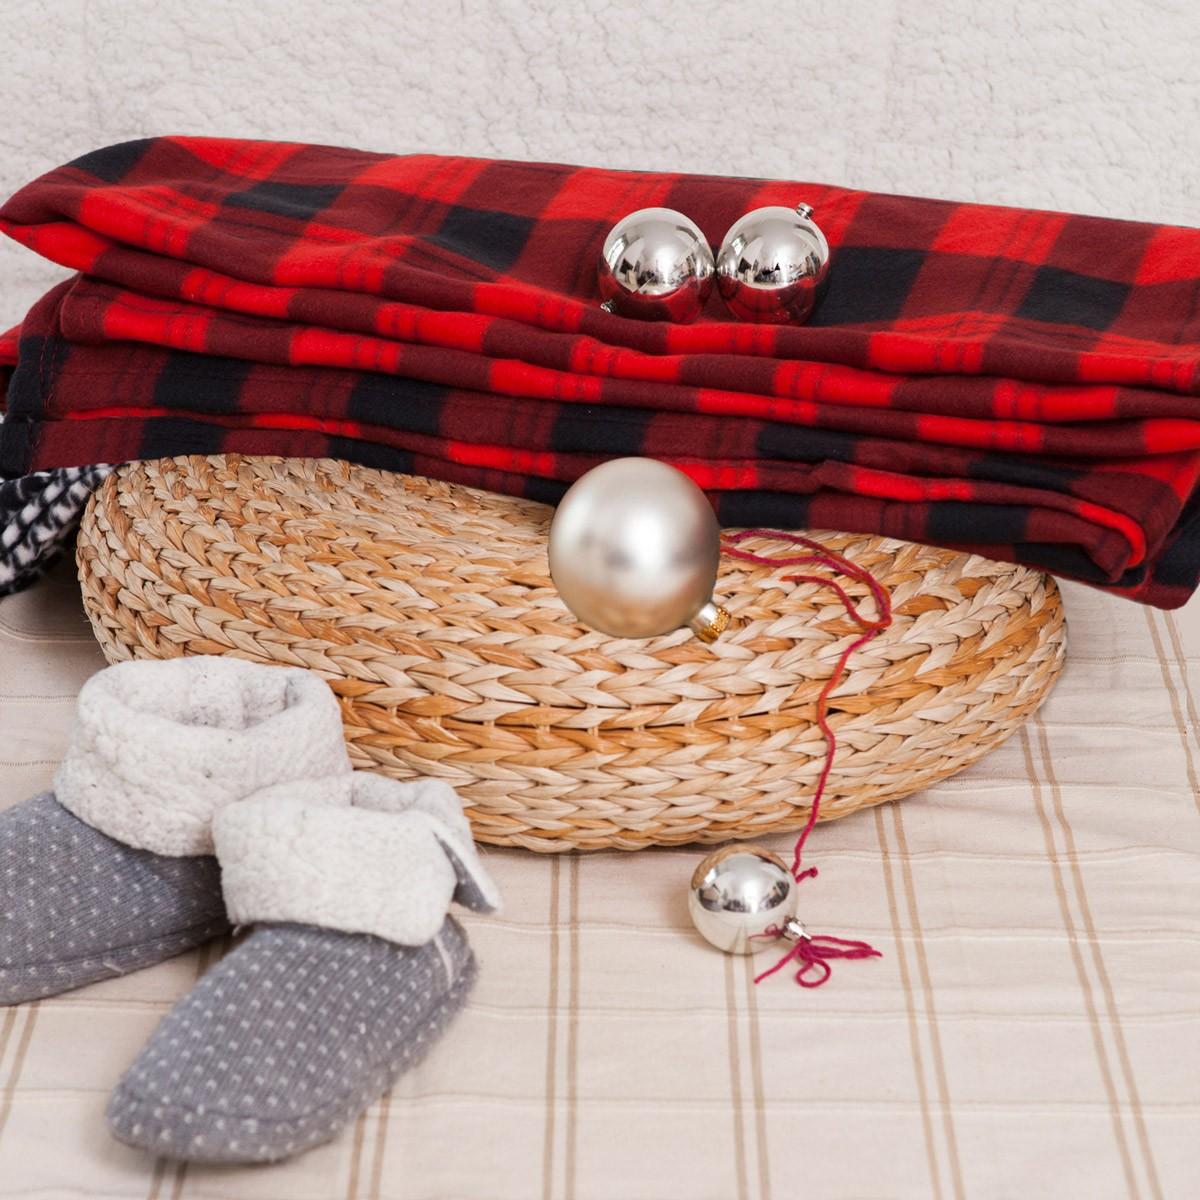 Κουβέρτα Fleece Υπέρδιπλη Melinen Checked Red home   κρεβατοκάμαρα   κουβέρτες   κουβέρτες fleece υπέρδιπλες